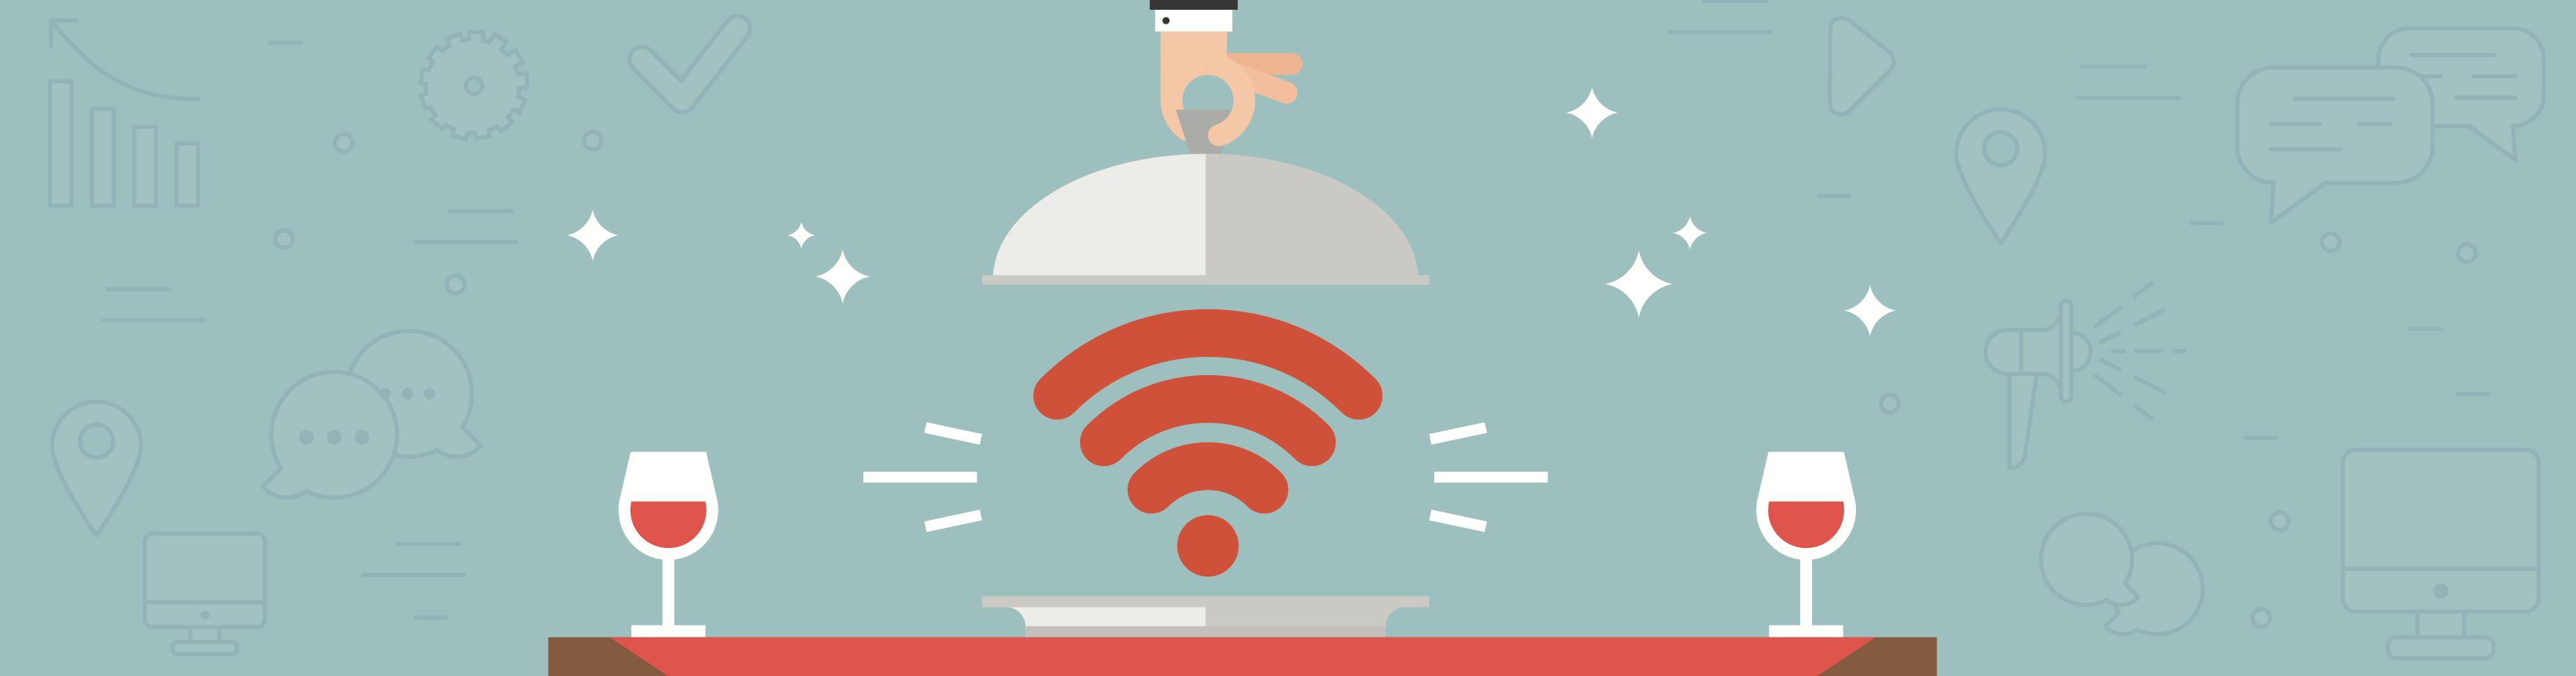 Por que oferecer hotspot em bares e restaurantes